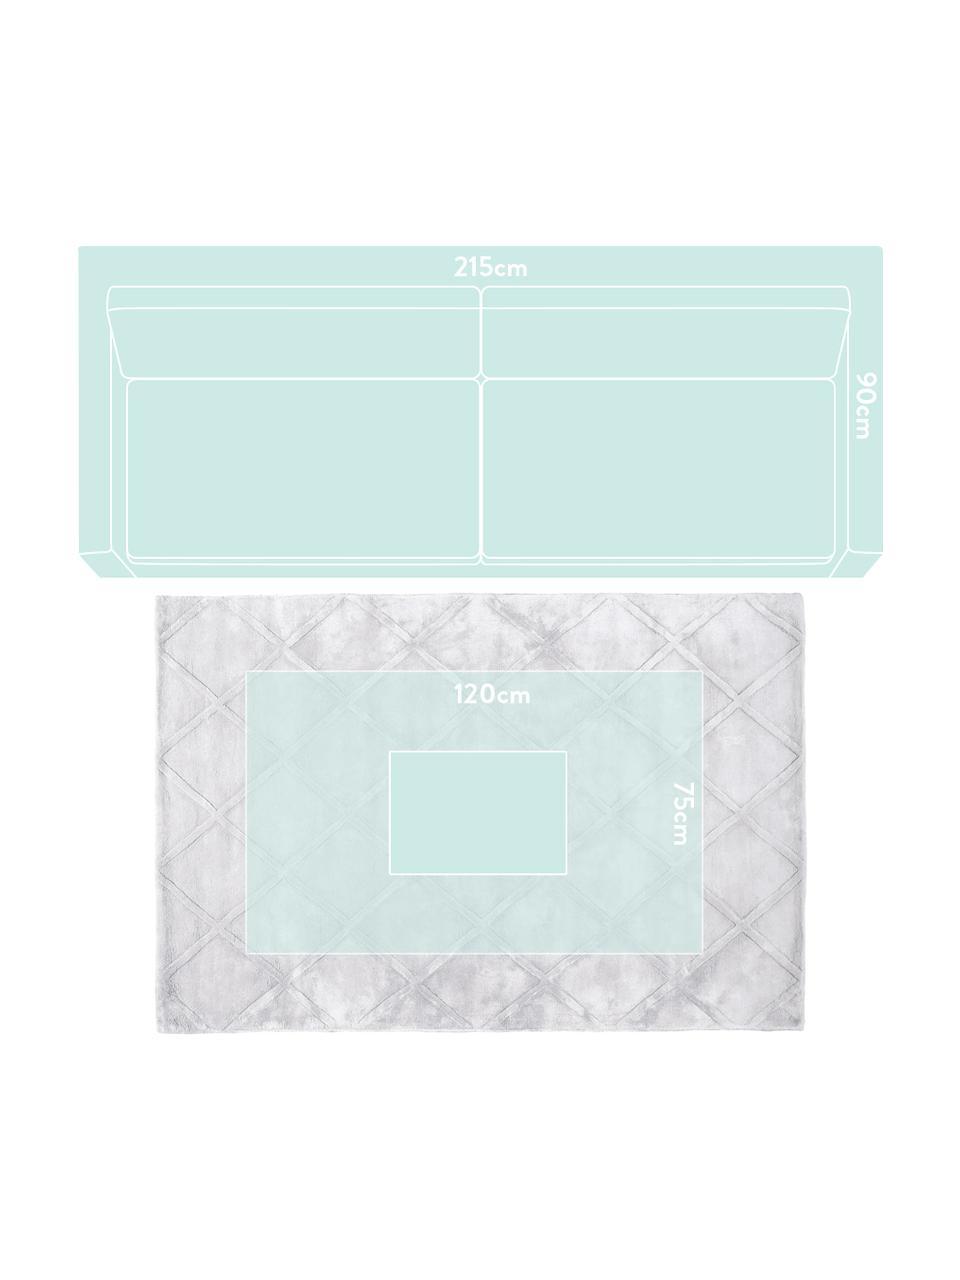 Tappeto in viscosa taftato a mano Madeleine, Retro: 100% cotone, Grigio chiaro argentato, Larg. 120 x Lung. 180 cm (taglia S)